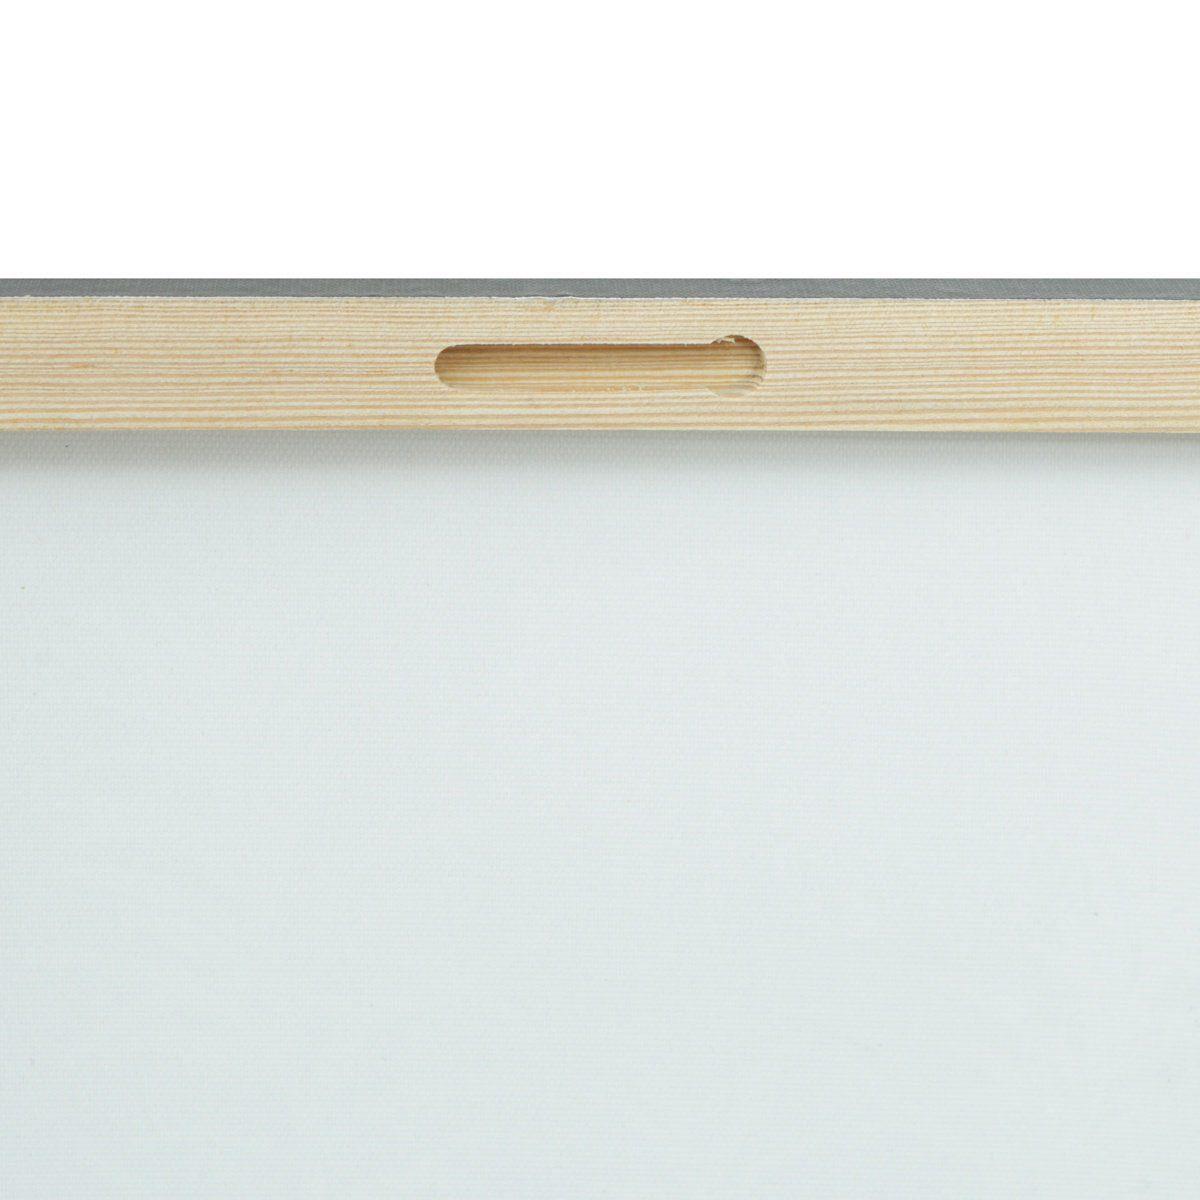 Quadro Decorativo Preto Salsinha 40cm x 30cm - 40969